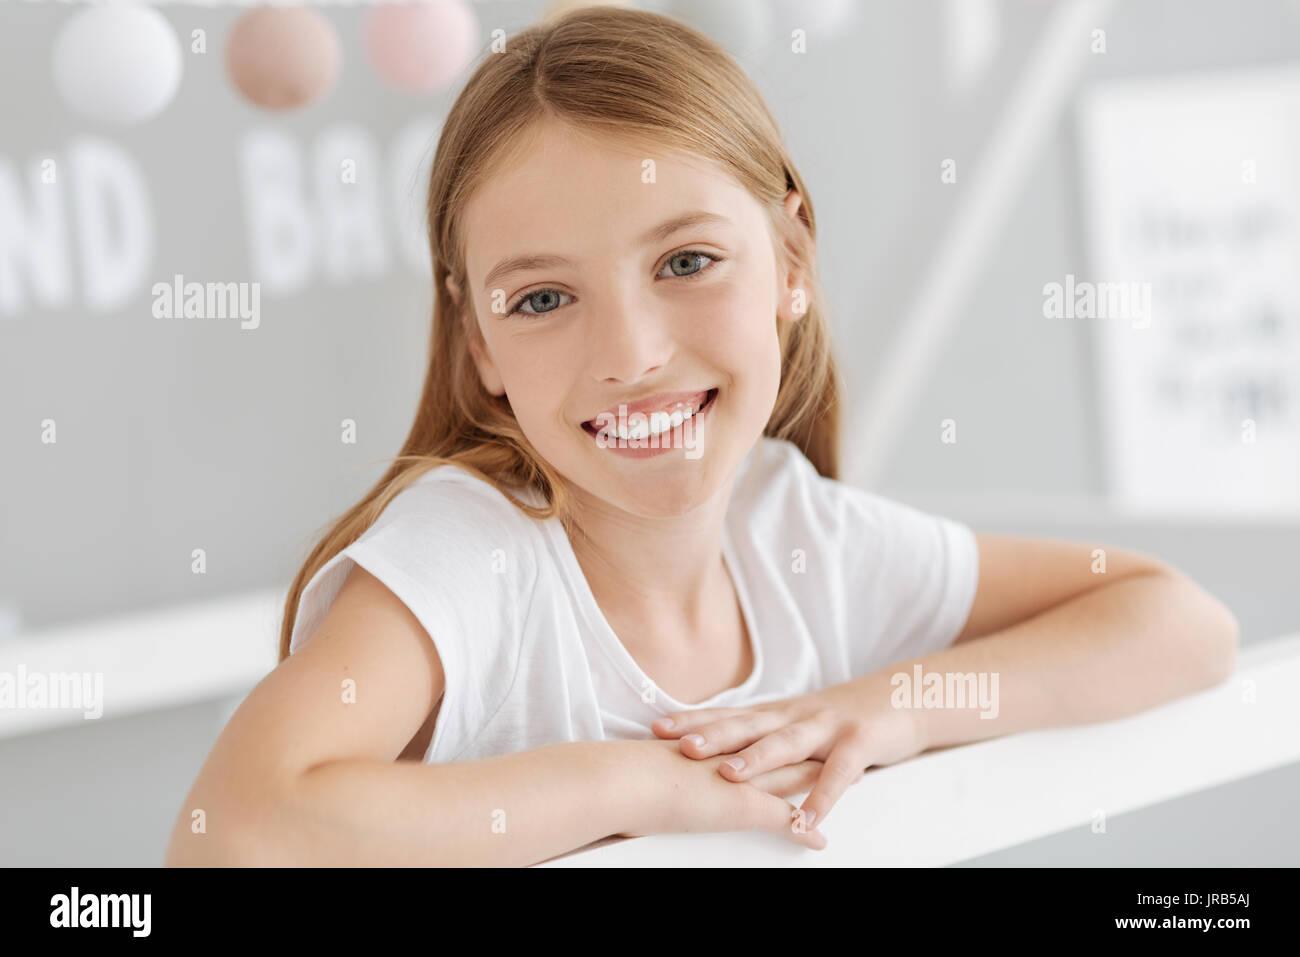 Ritratto di giovane raggiante signora sorridente Immagini Stock